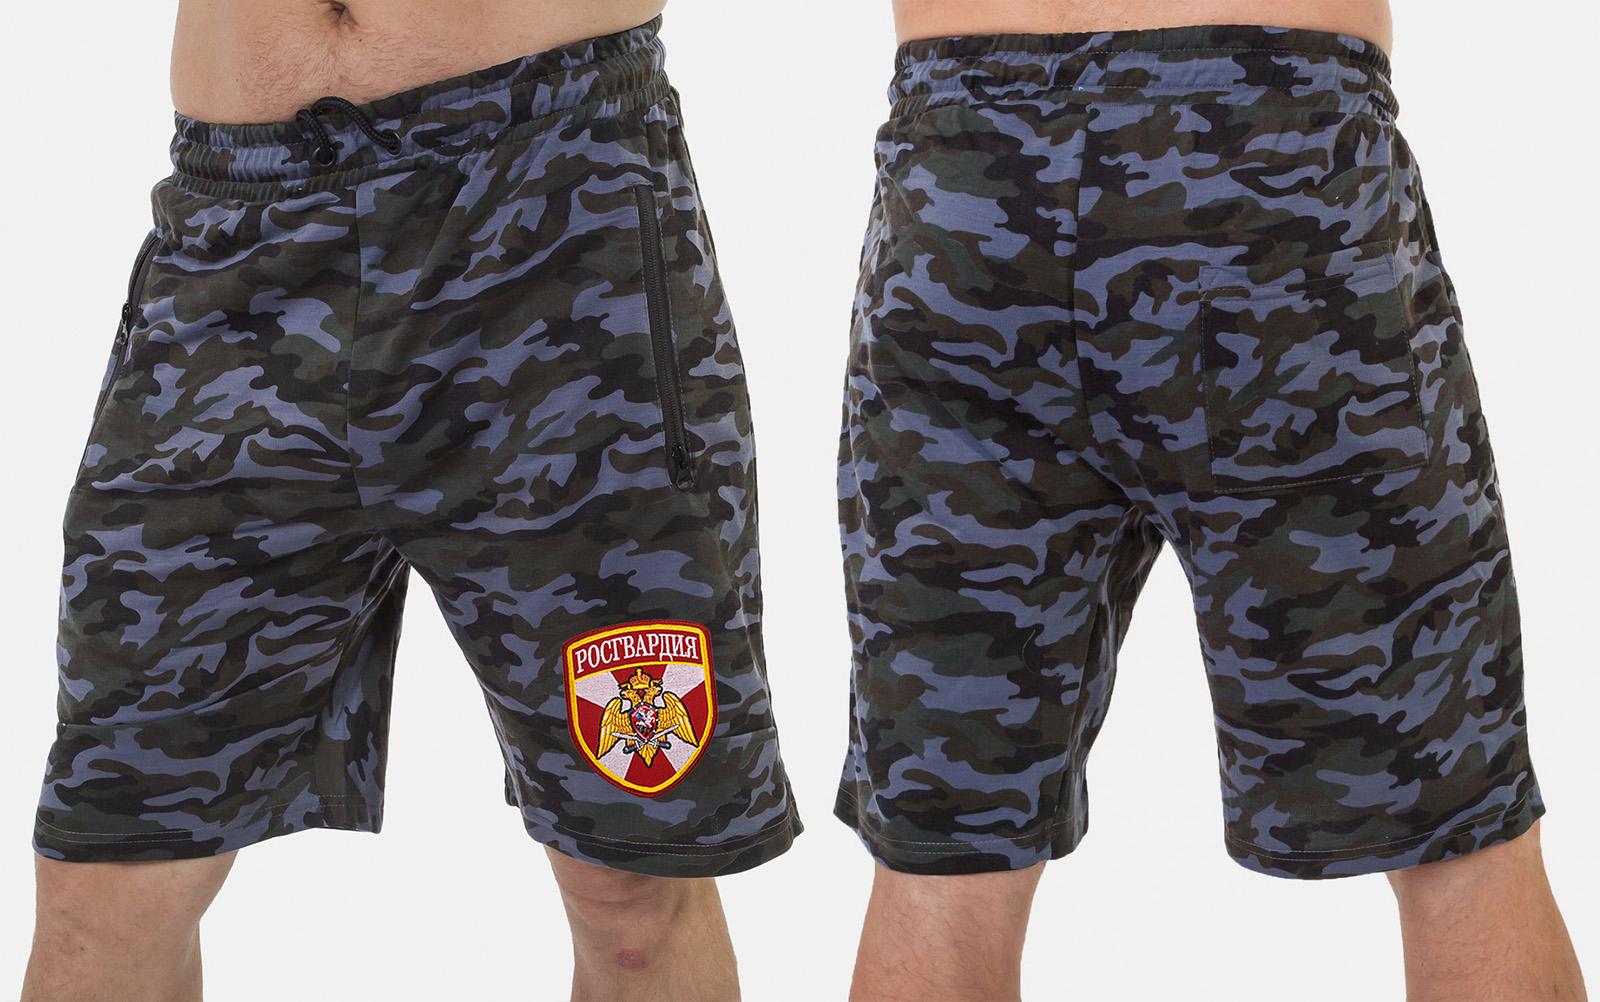 Надежные милитари шорты с нашивкой Росгвардия - купить в подарокр